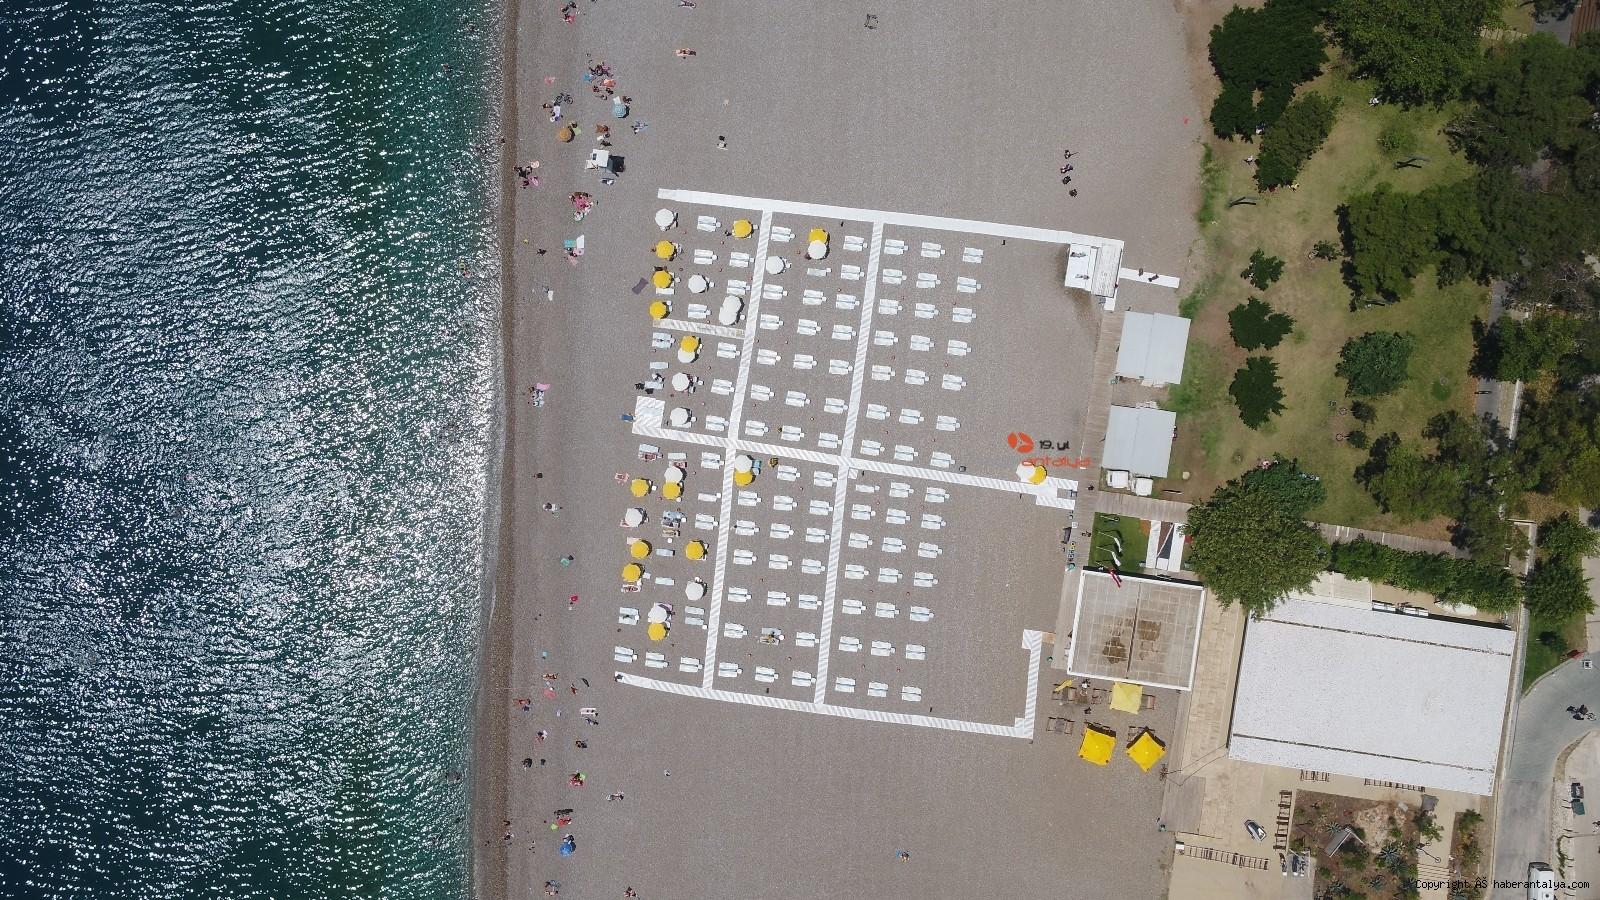 2021/06/ekdag-konyaalti-ve-lara-plaji-hizmete-acildi--20210620AW35-3.jpg